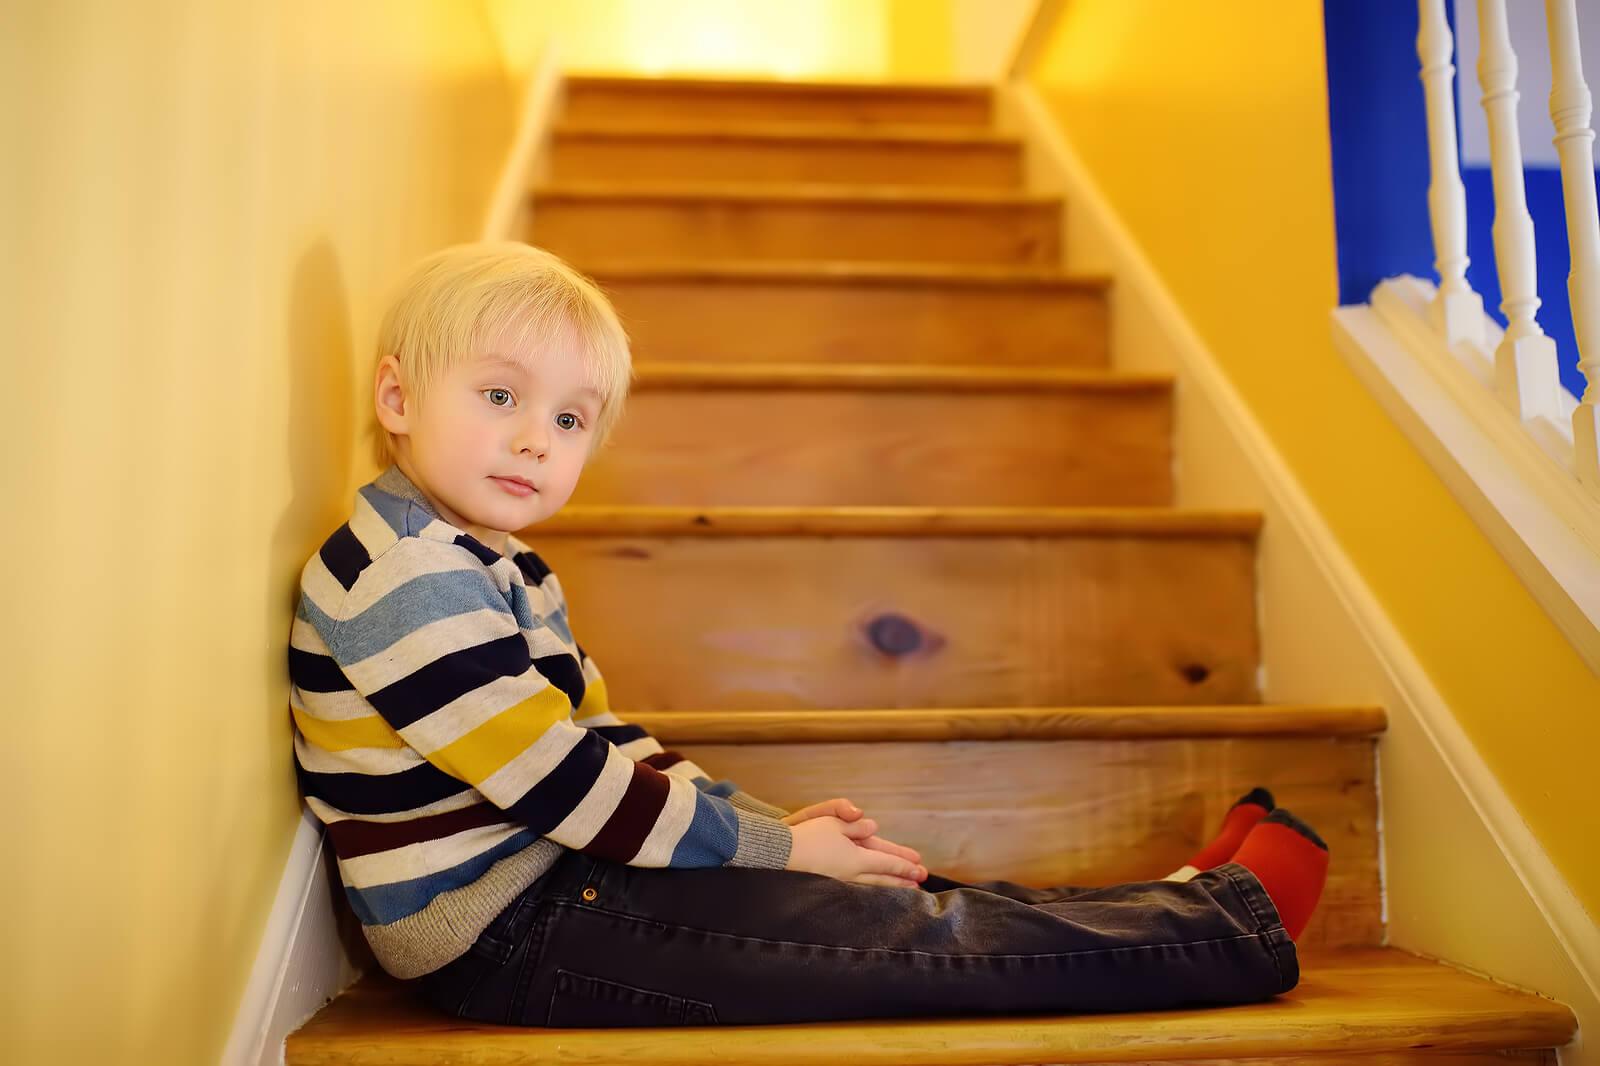 Niño obediente sentado en las escaleras de casa.